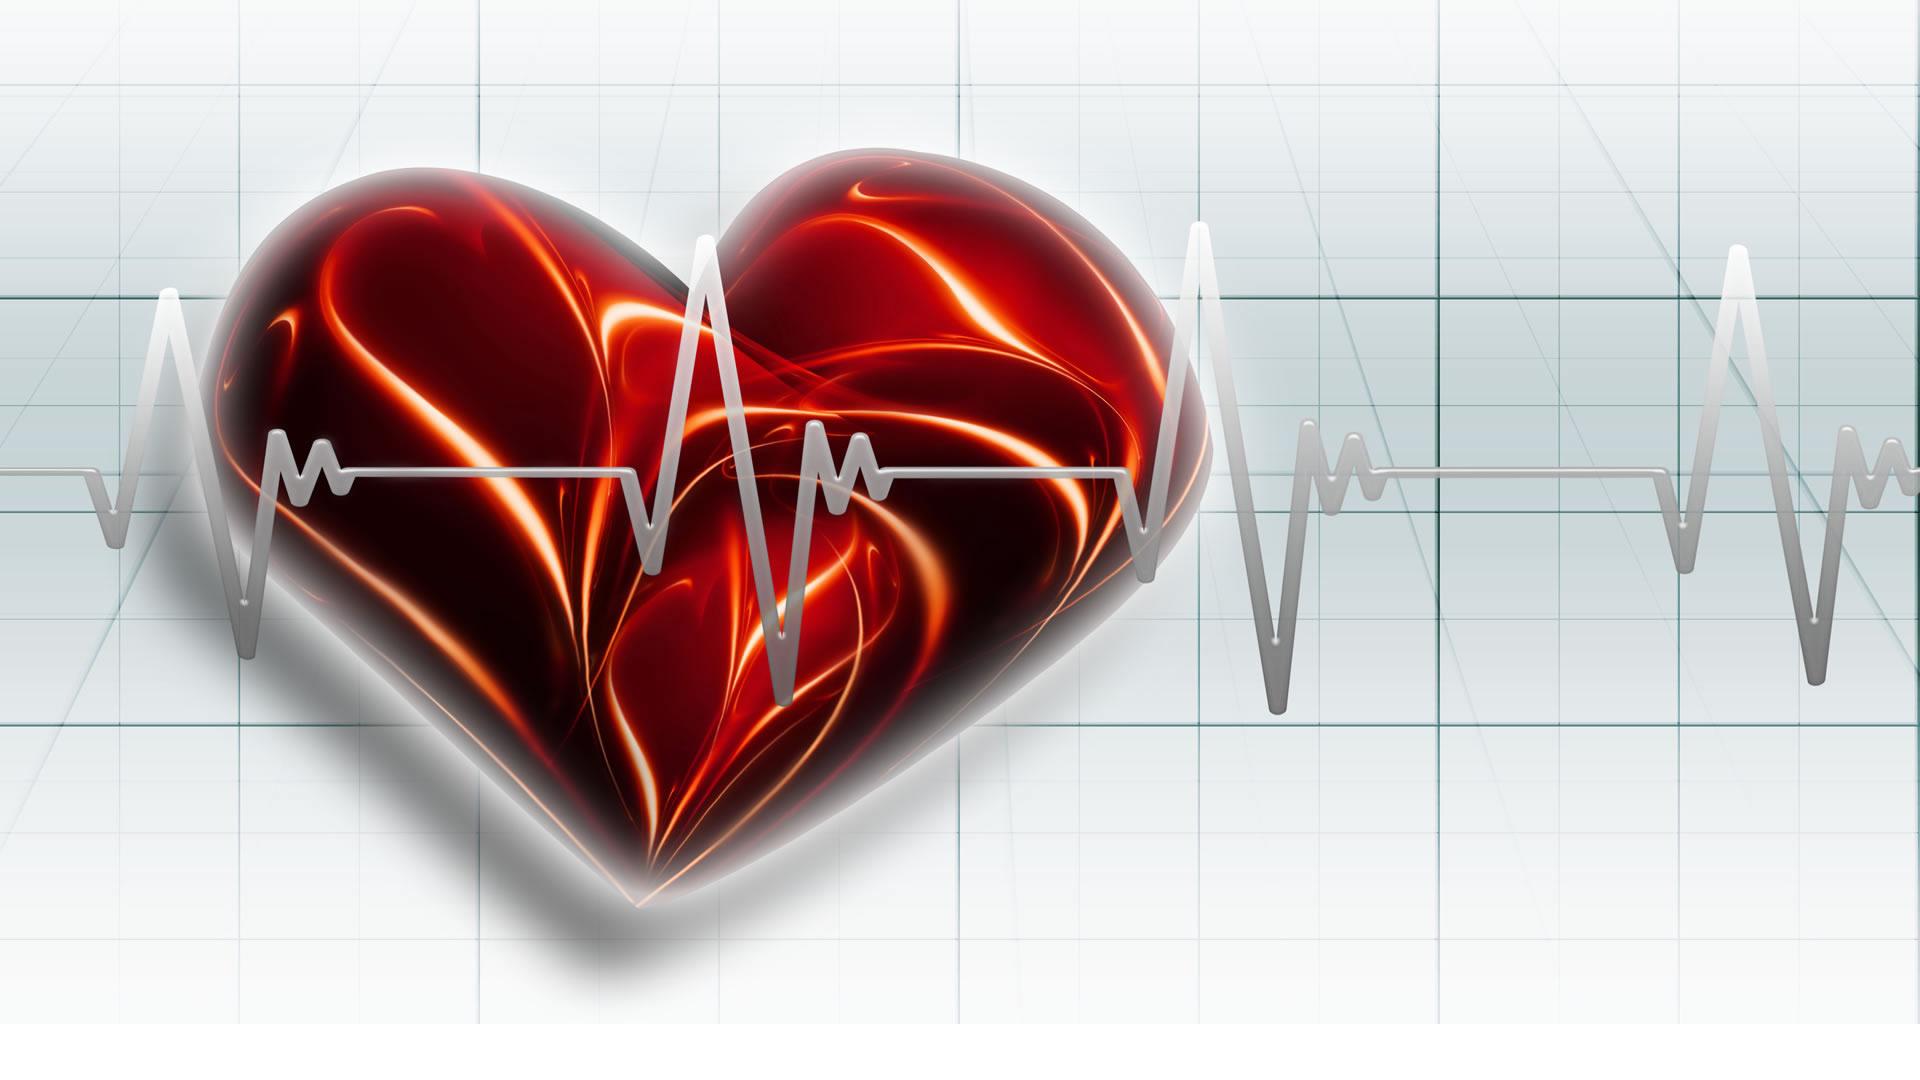 El cardiólogo margariteño creó un dispositivo que a su juicio dará grandes aportes a la medicina mundial